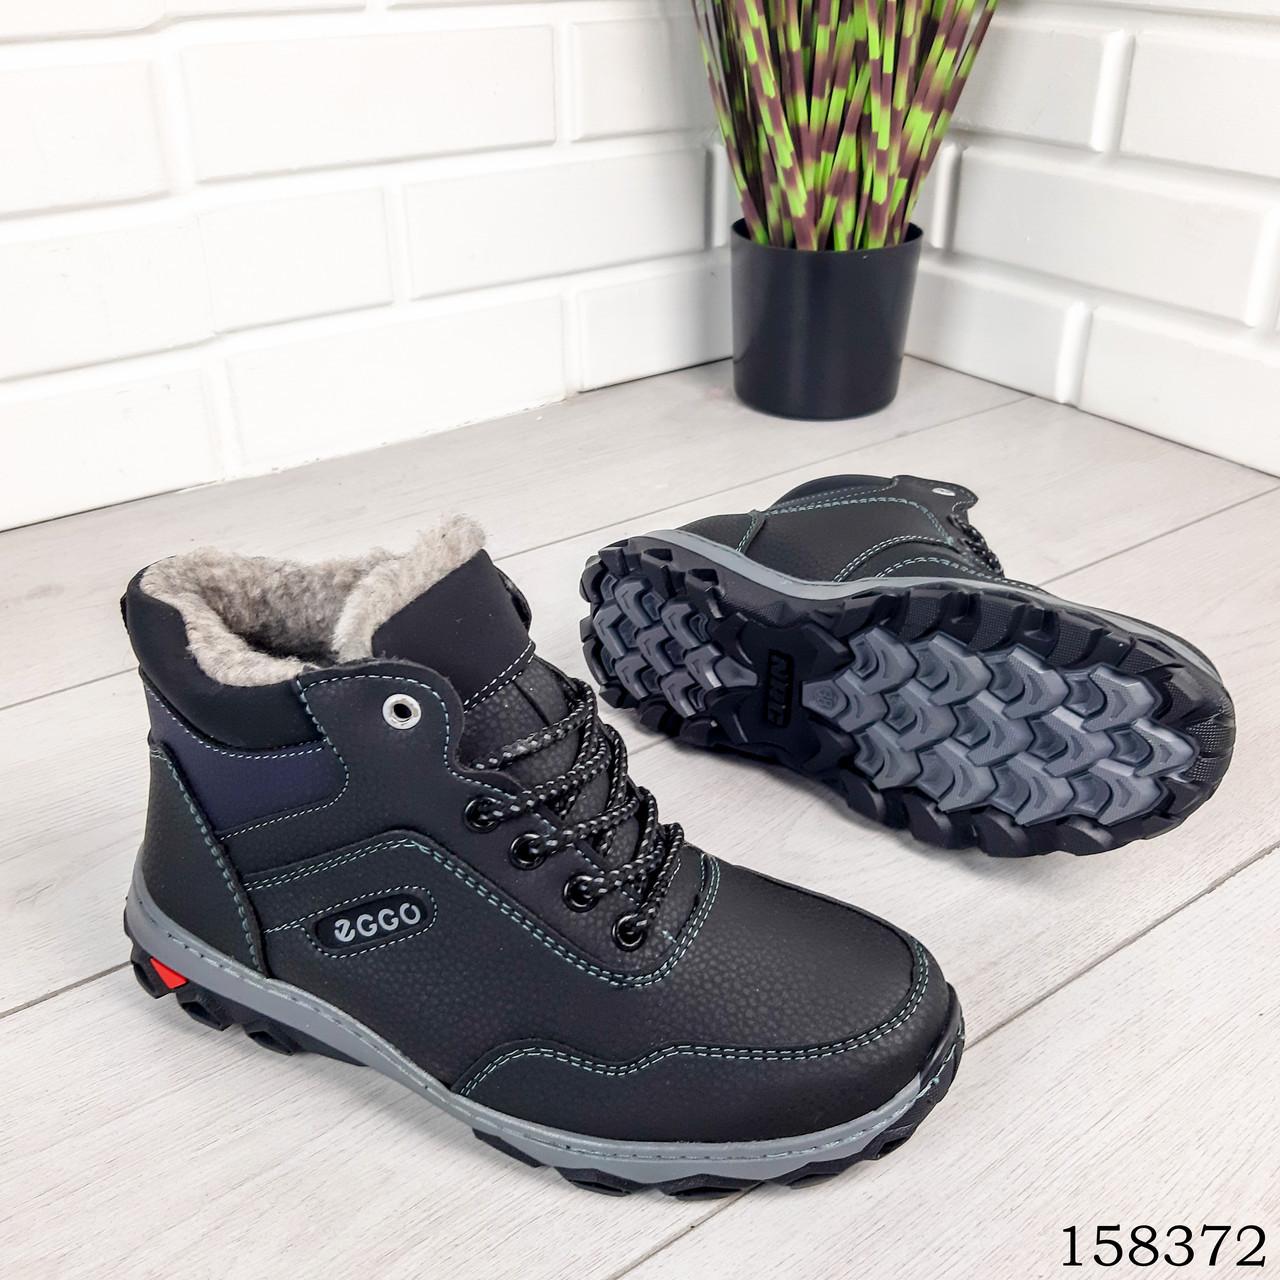 Дитячі, підліткові зимові черевики на шнурках, чорного кольору з еко шкіри, всередині теплий еко хутро.